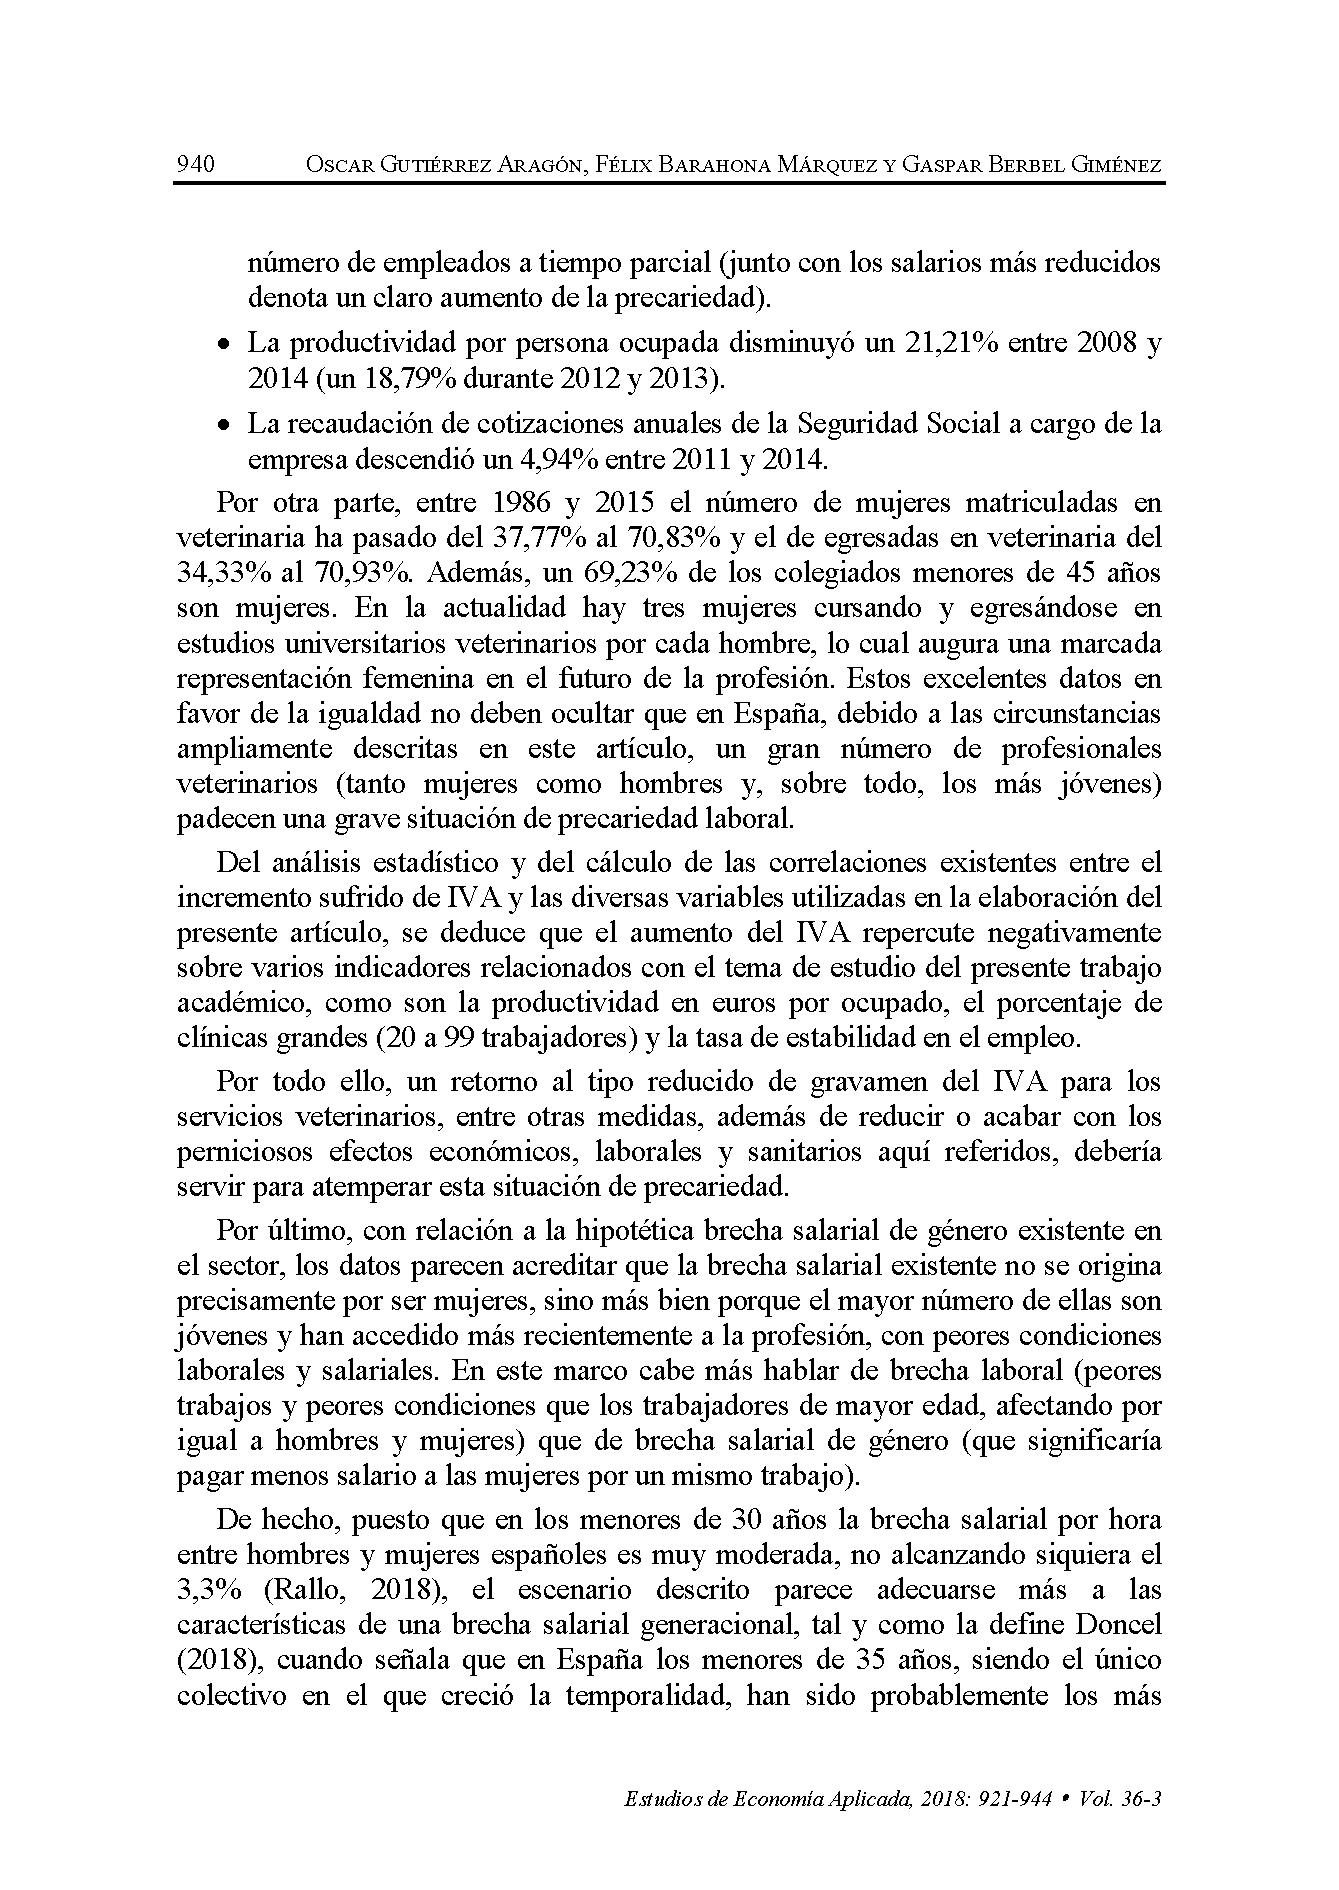 Efectos incremento IVA sobre condiciones laborales sector veterinario (EEA)_Página_20